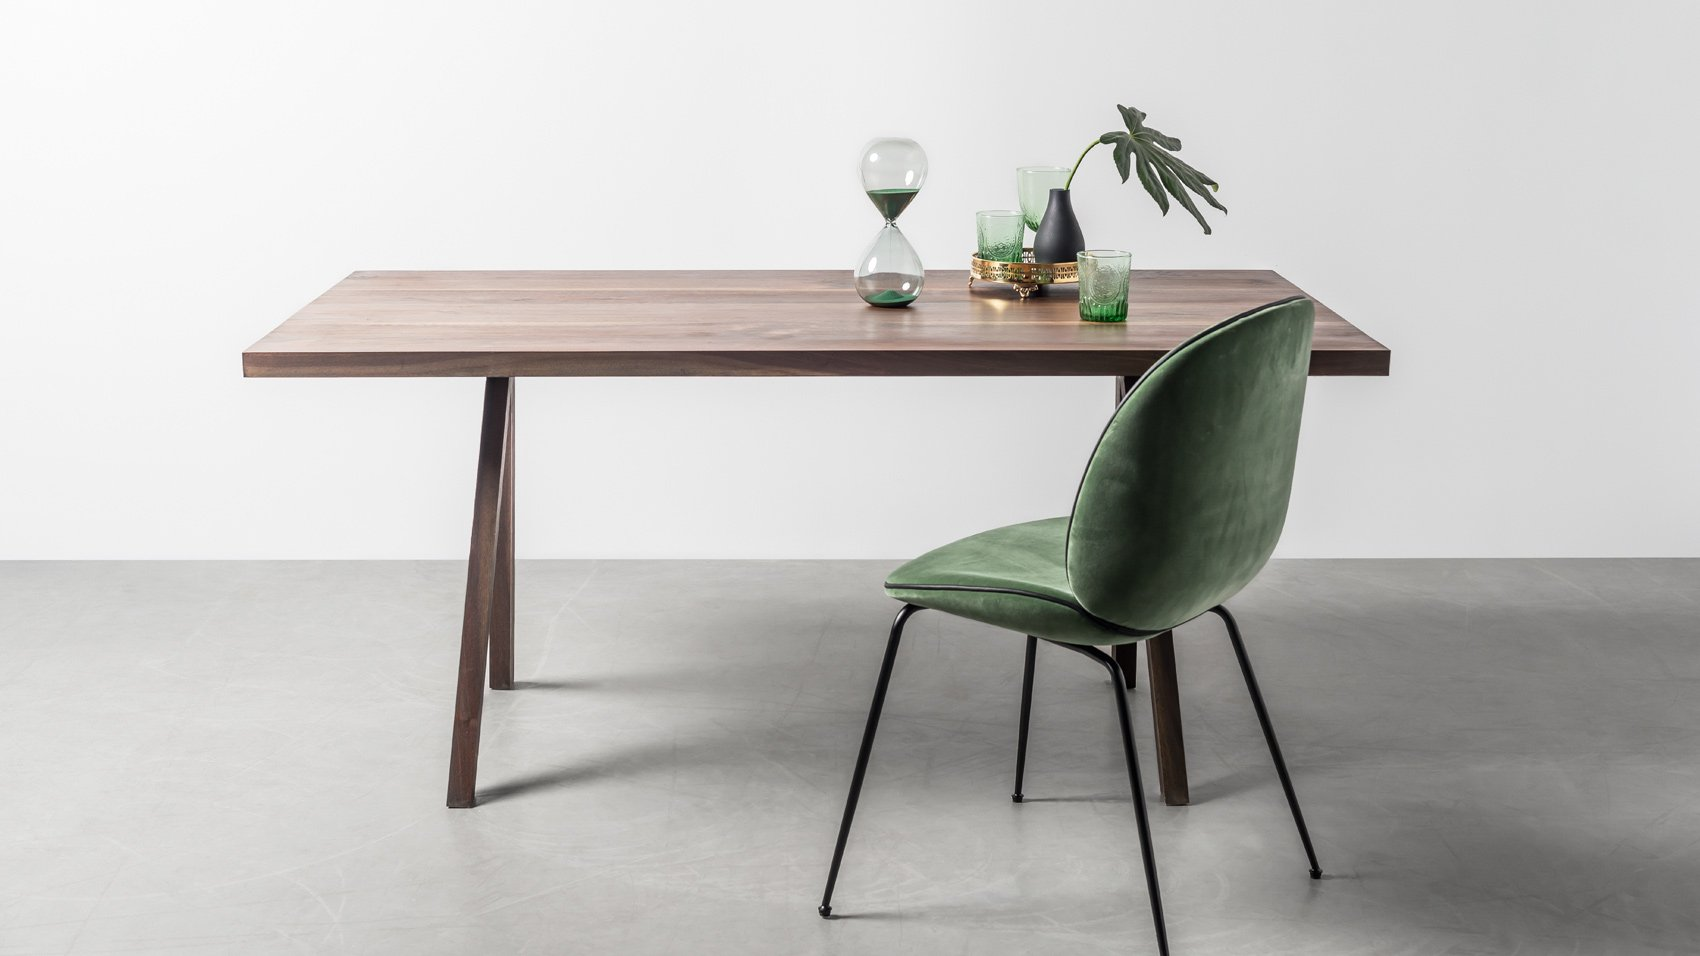 Oryginalny, elegancki stół z orzecha na zamówienie - Stół Victoria od Hoom